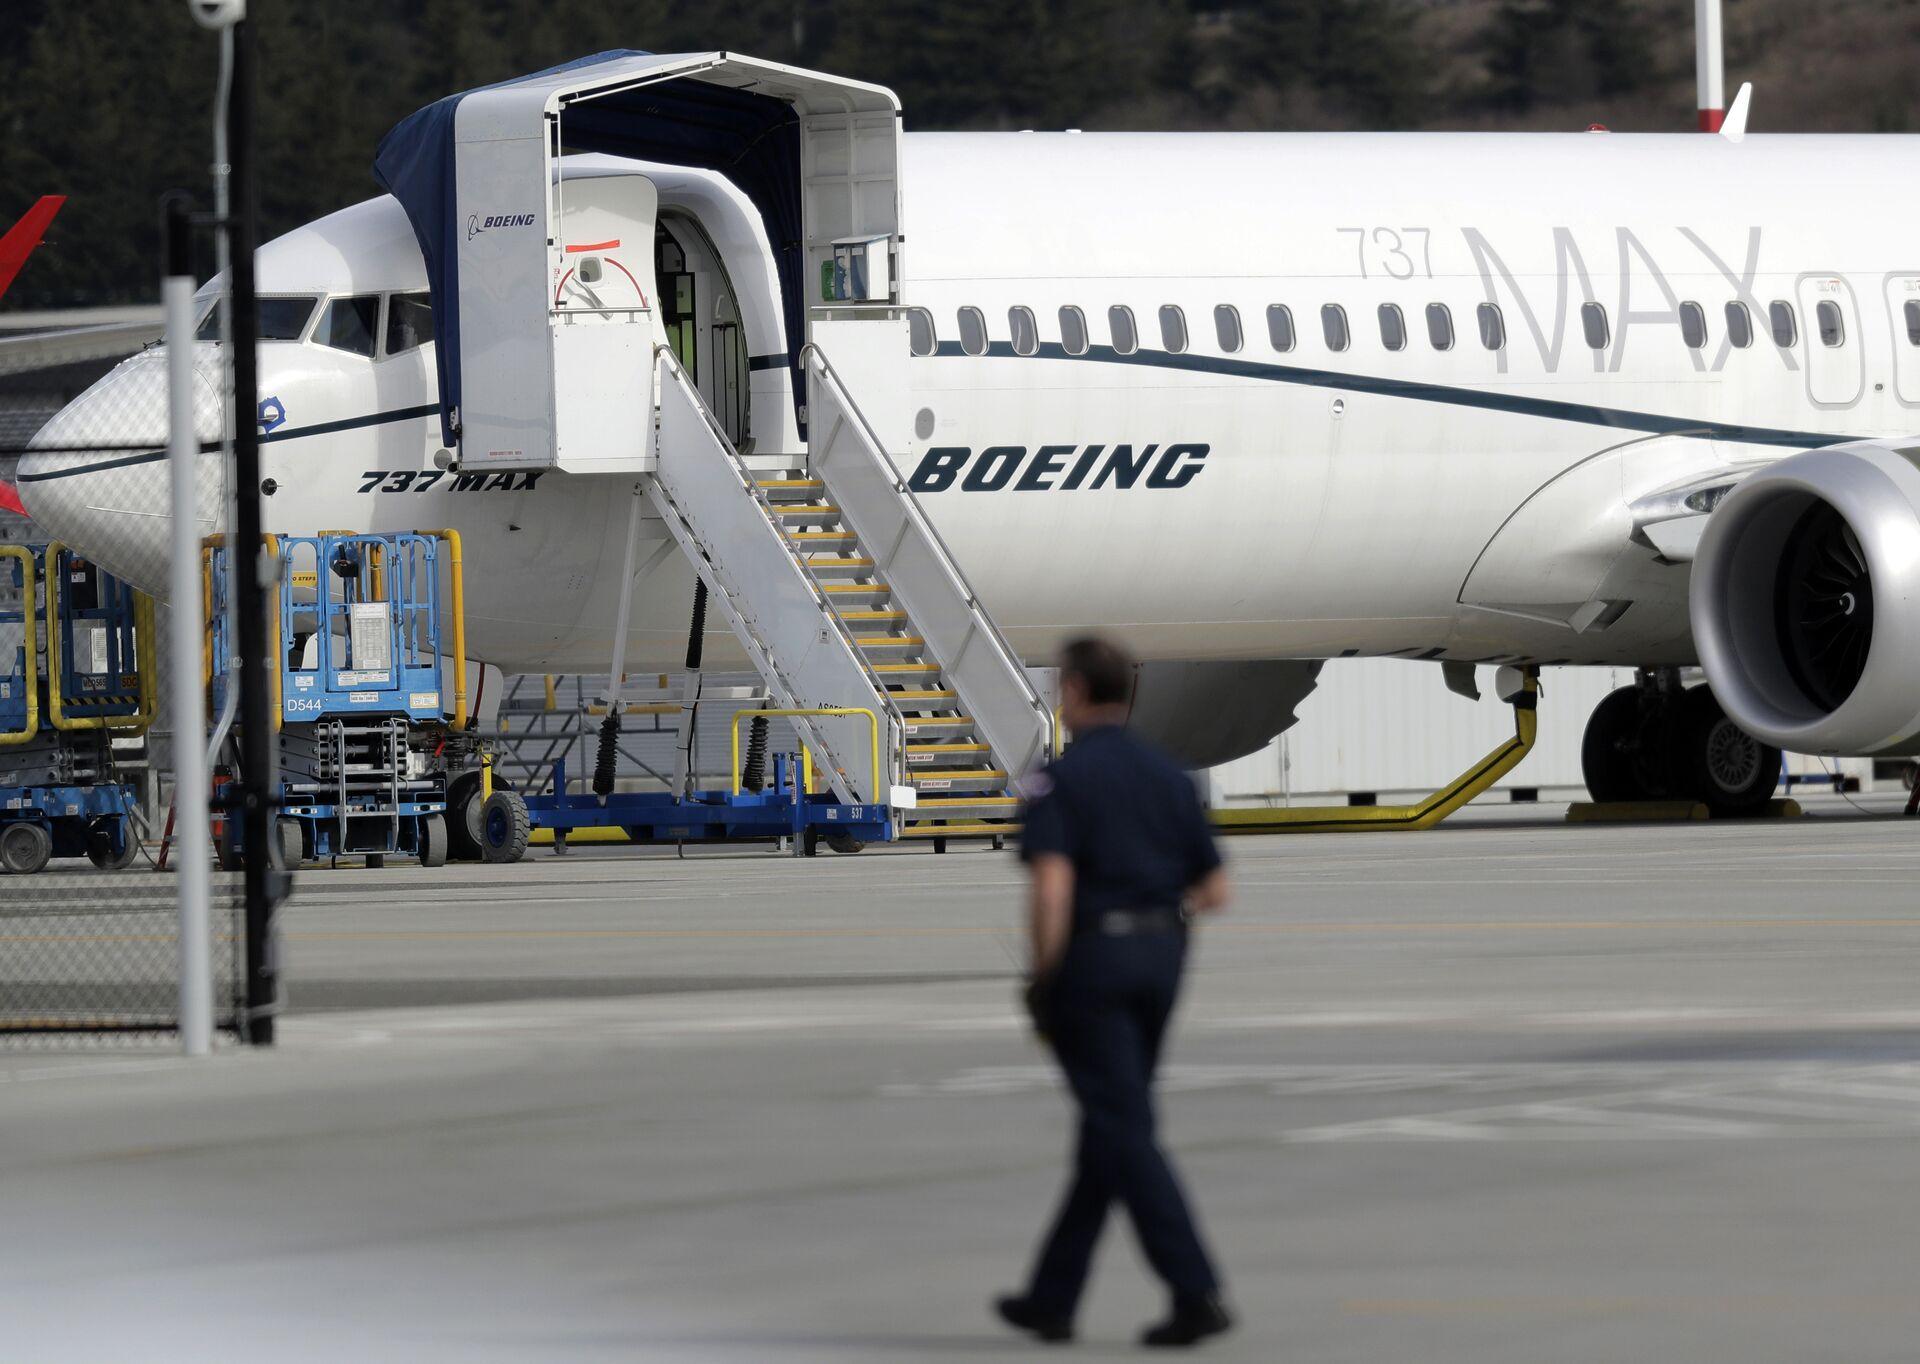 Boeing multata per $ 6,6 milioni per inadempienze sulla supervisione della sicurezza - Sputnik Italia, 1920, 26.02.2021